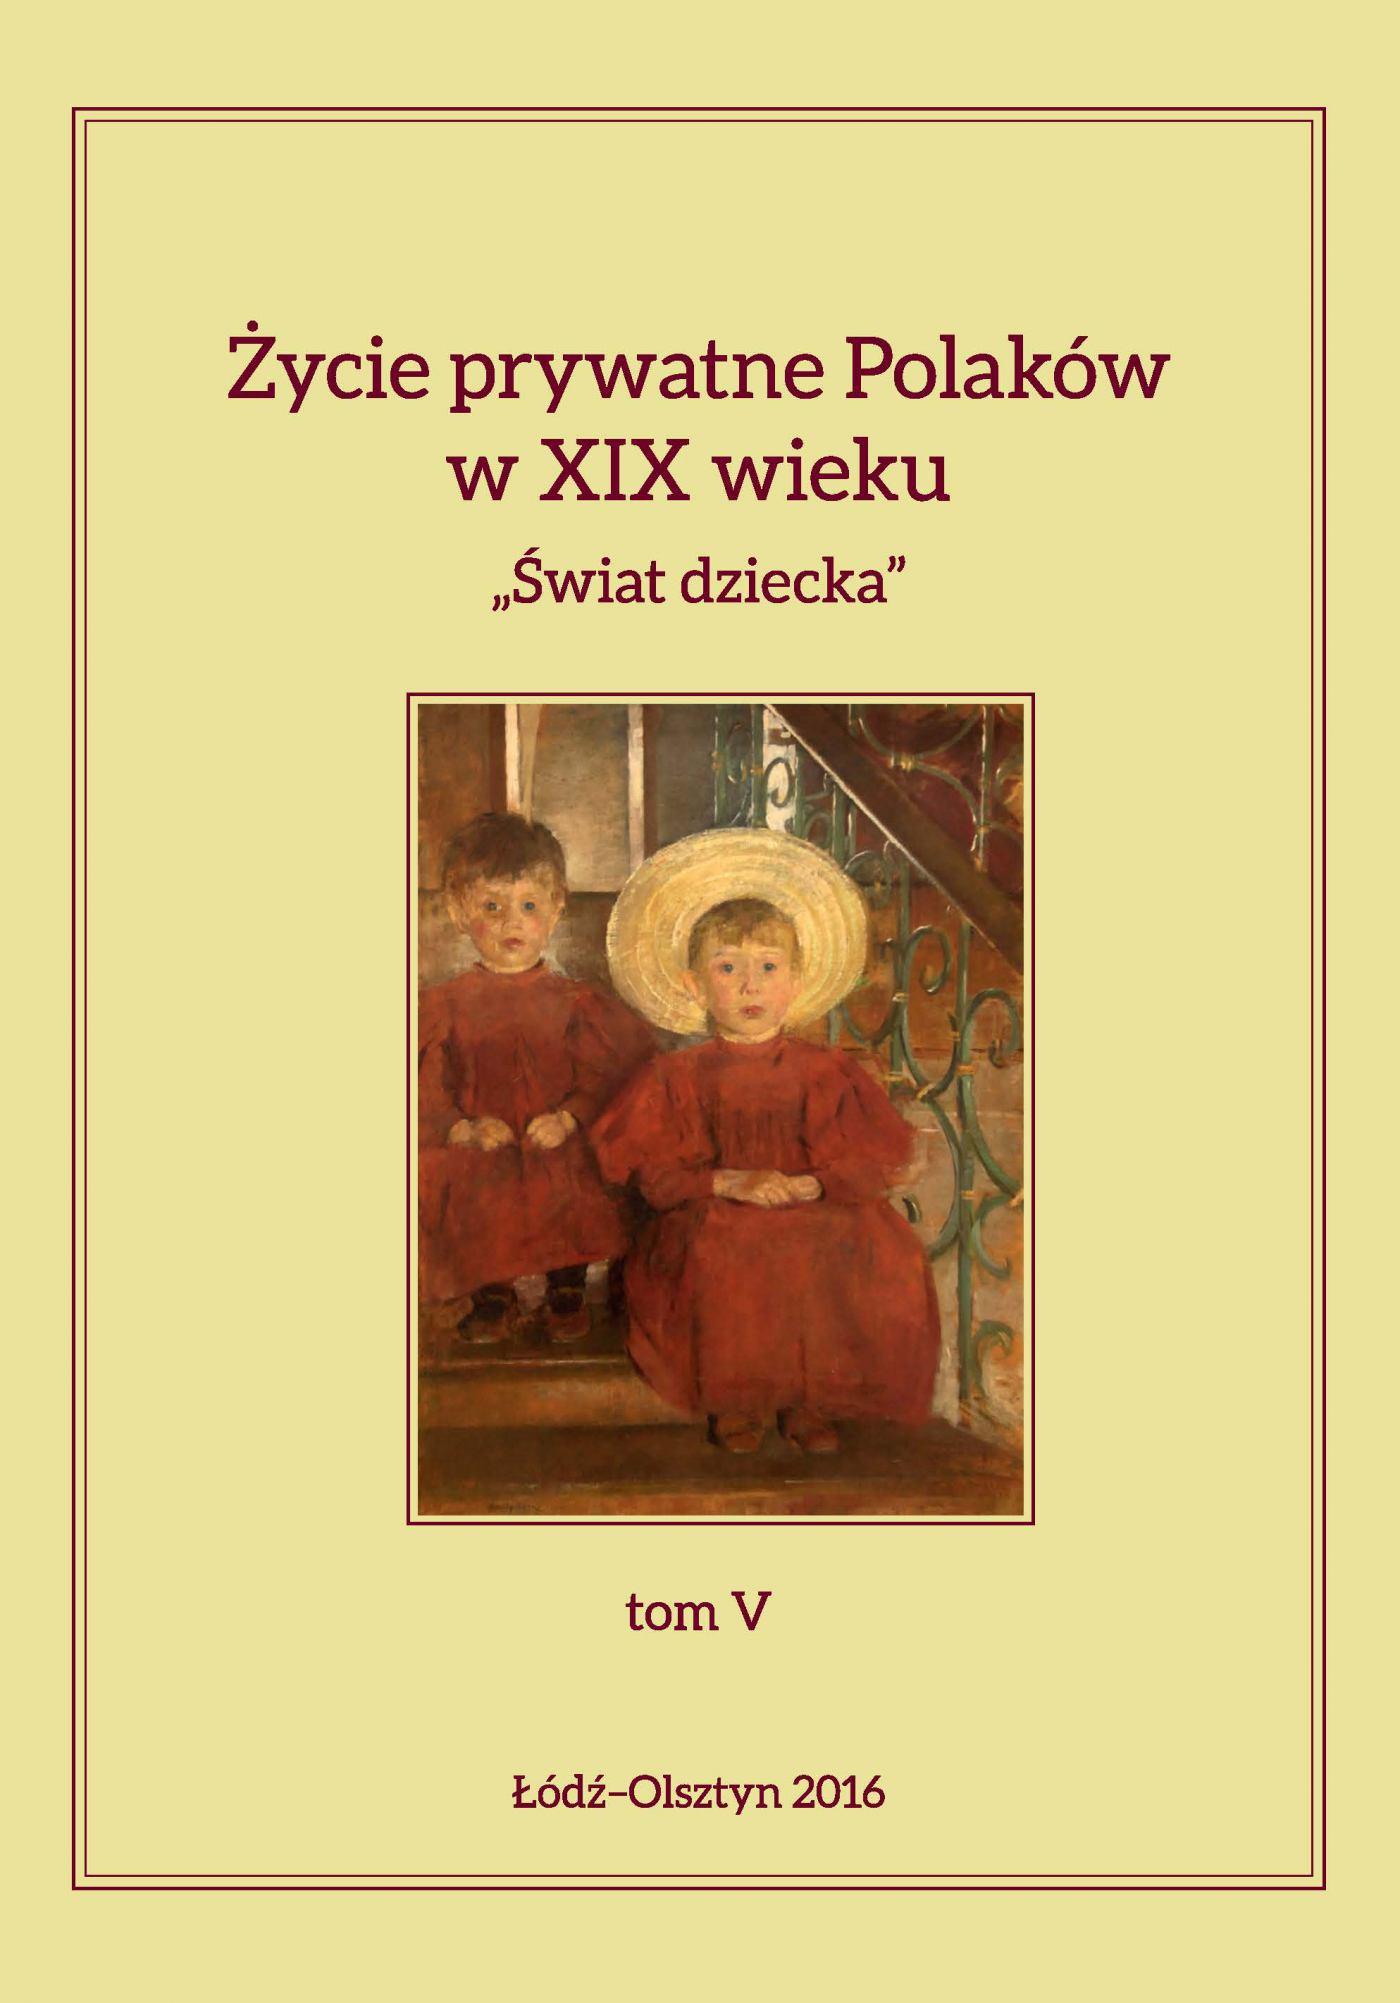 """Życie prywatne Polaków w XIX wieku. """"Świat dziecka"""", tom V - Ebook (Książka PDF) do pobrania w formacie PDF"""